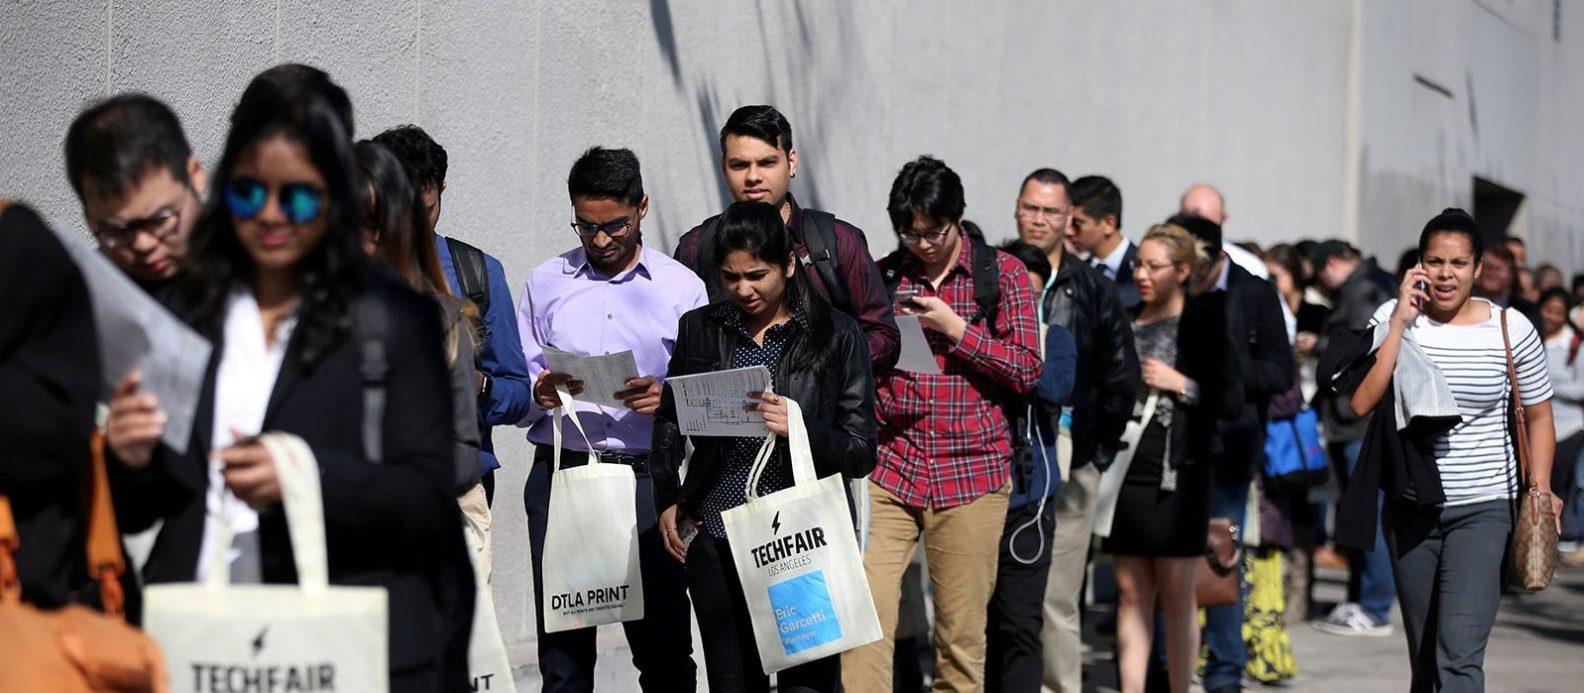 ४ महिन्यात फेब्रुवारीत बेरोजगारीचा दर सर्वाधिक